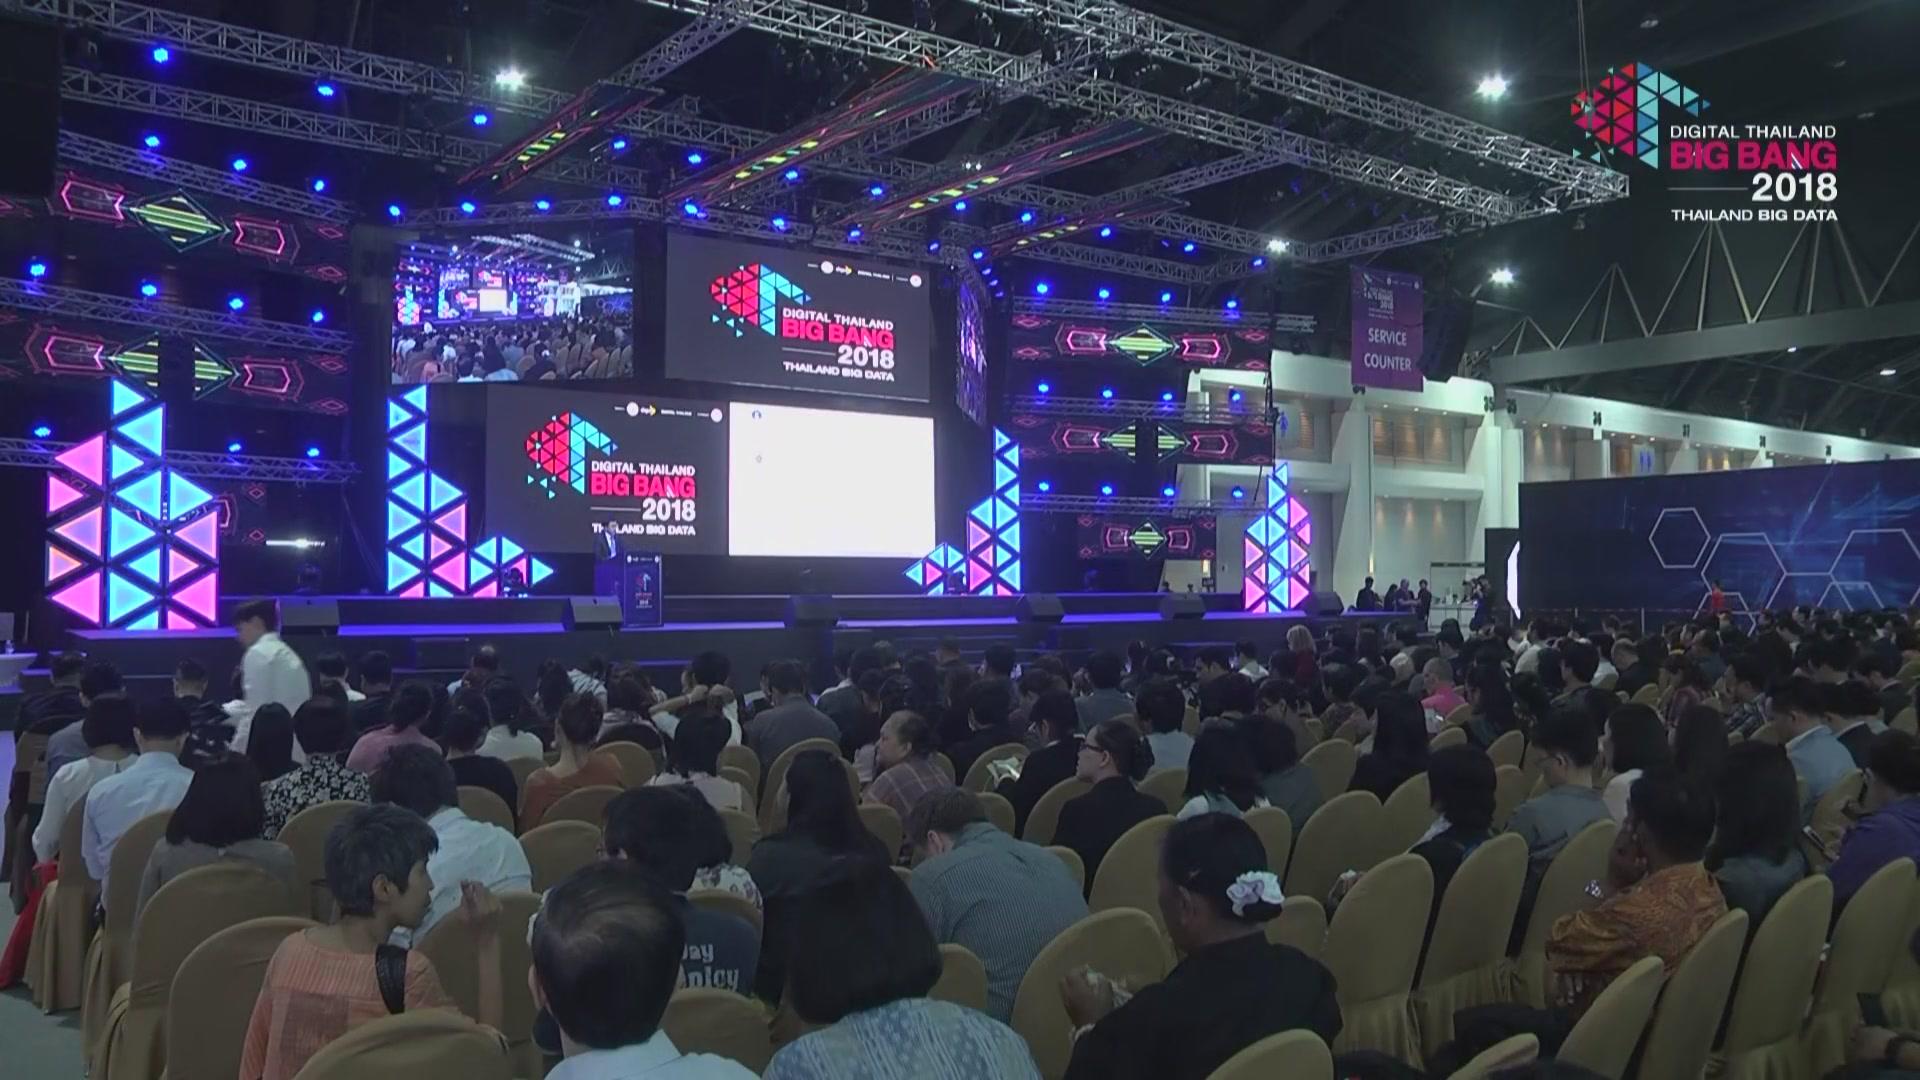 อินทนนท์ Cryptocurrency ไทย โดย ดร.อัมพร แสงมณี ผู้อำนวยการอาวุโส ฝ่ายบริหารเงินสำรองสายตลาดการเงิน ธนาคารแห่งประเทศไทย